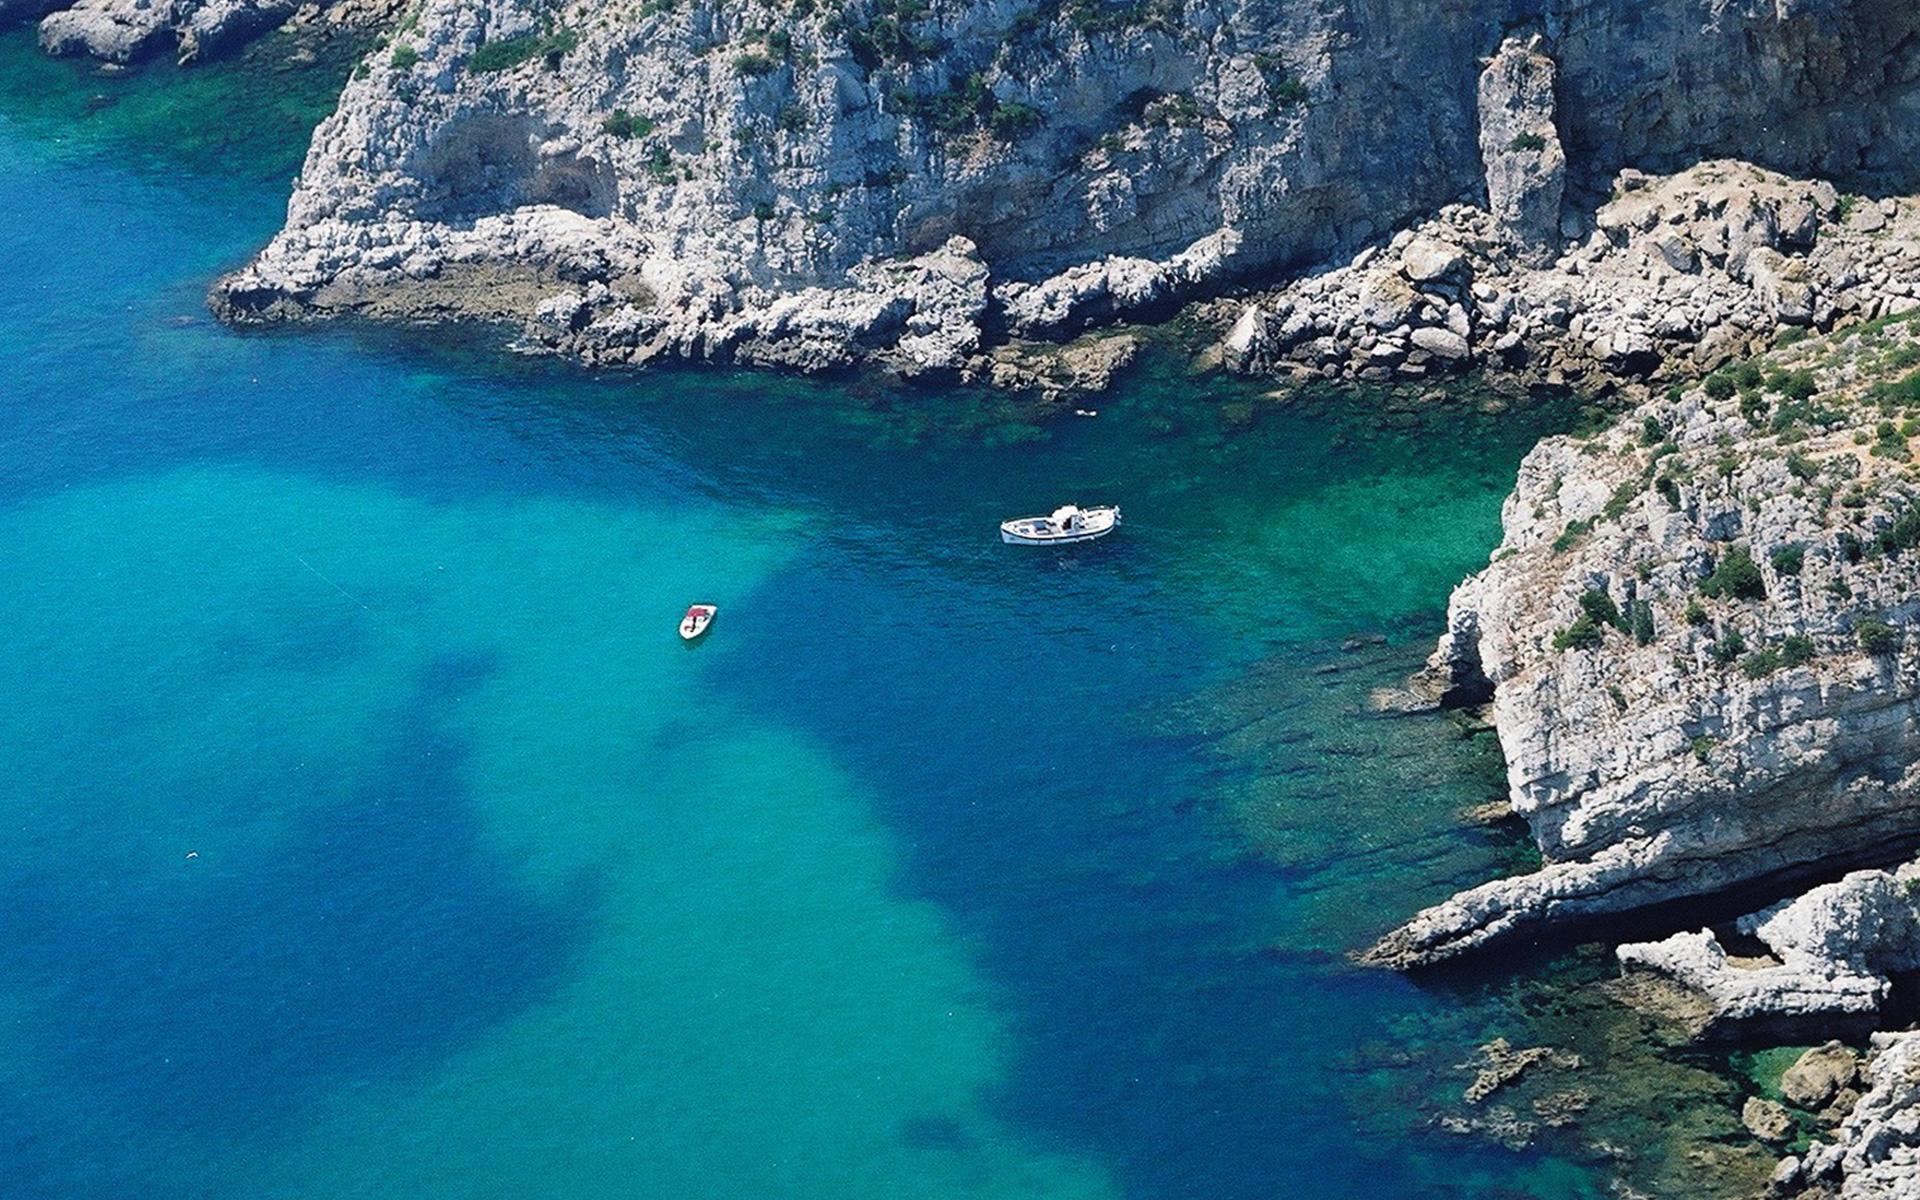 Arrabida Boat Tours